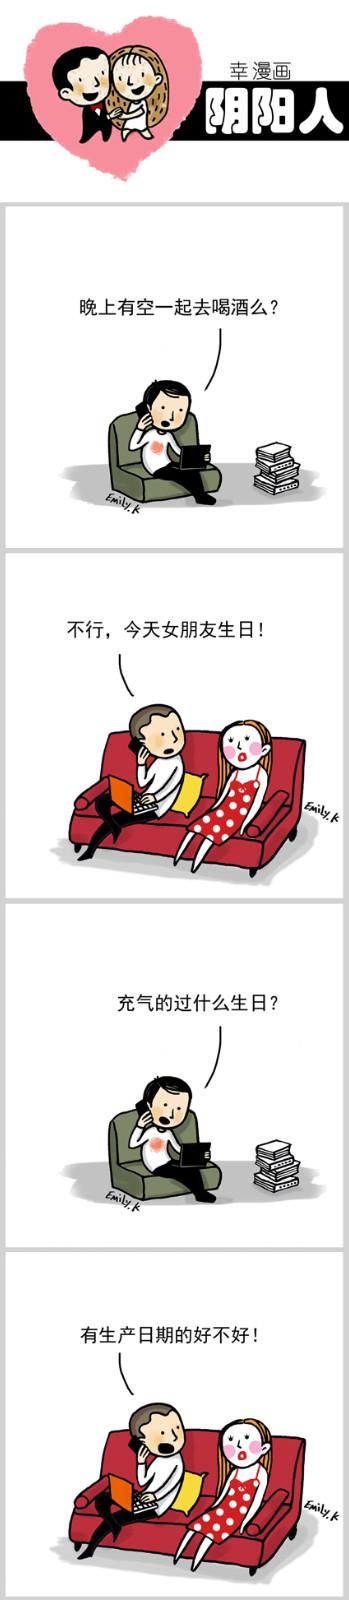 【邝幸漫畫】《阴阳人》生日_图1-1